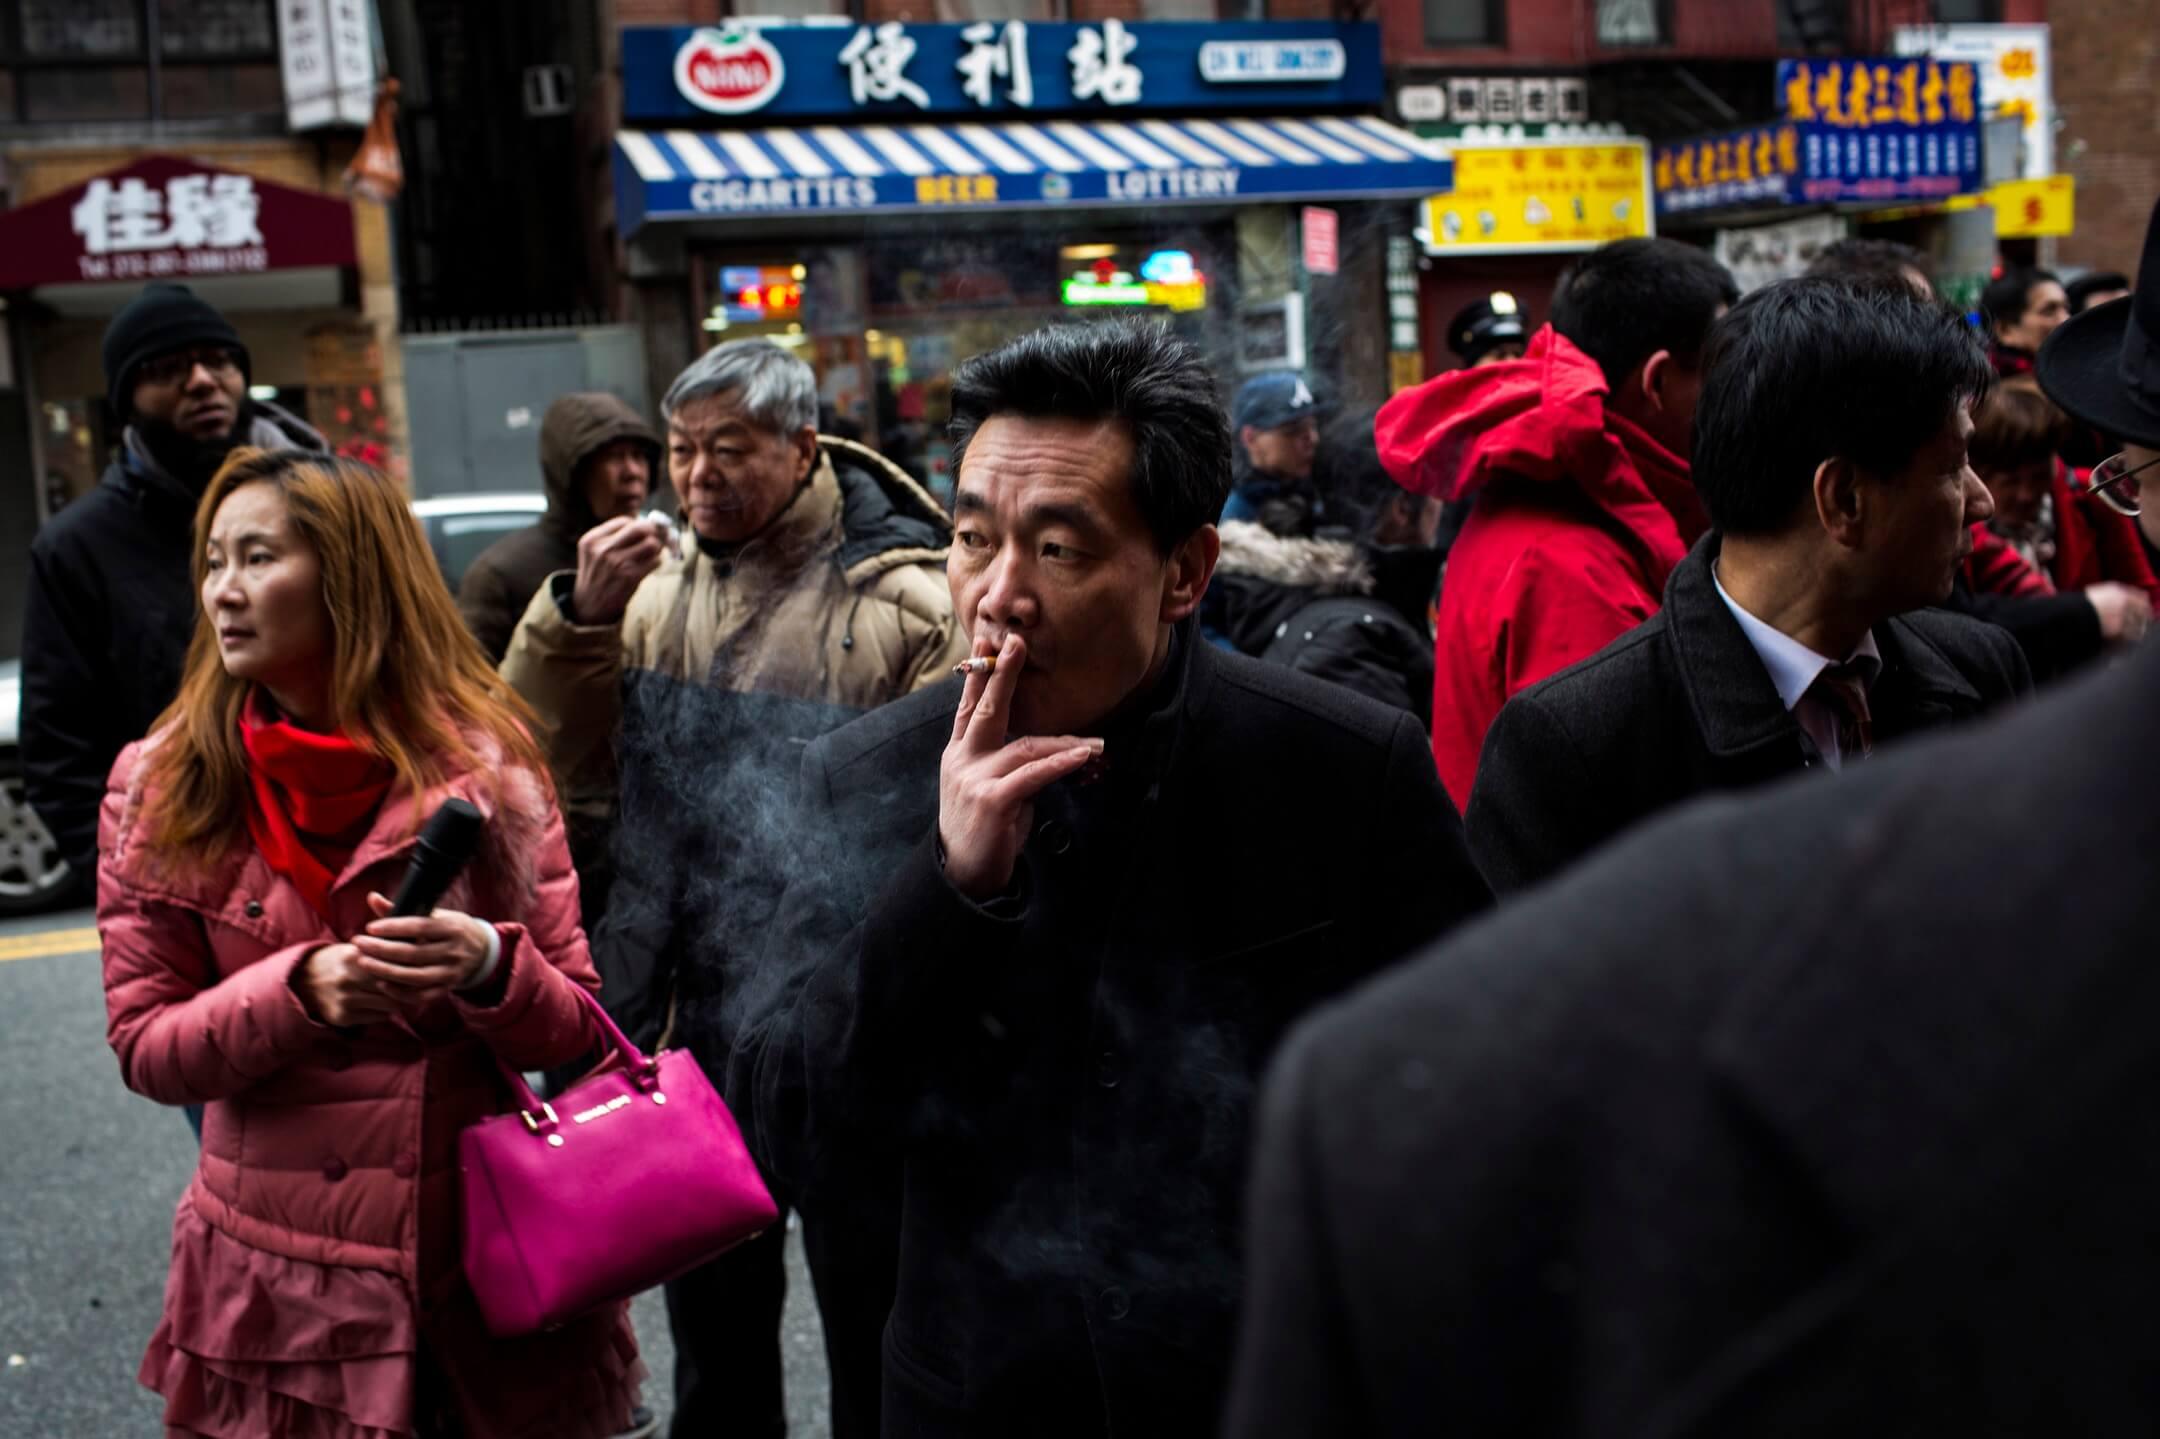 美國紐約,當地中國移民參加唐人街的農曆新年慶典。 攝:Andrew Lichtenstein/Corbis via Getty Images